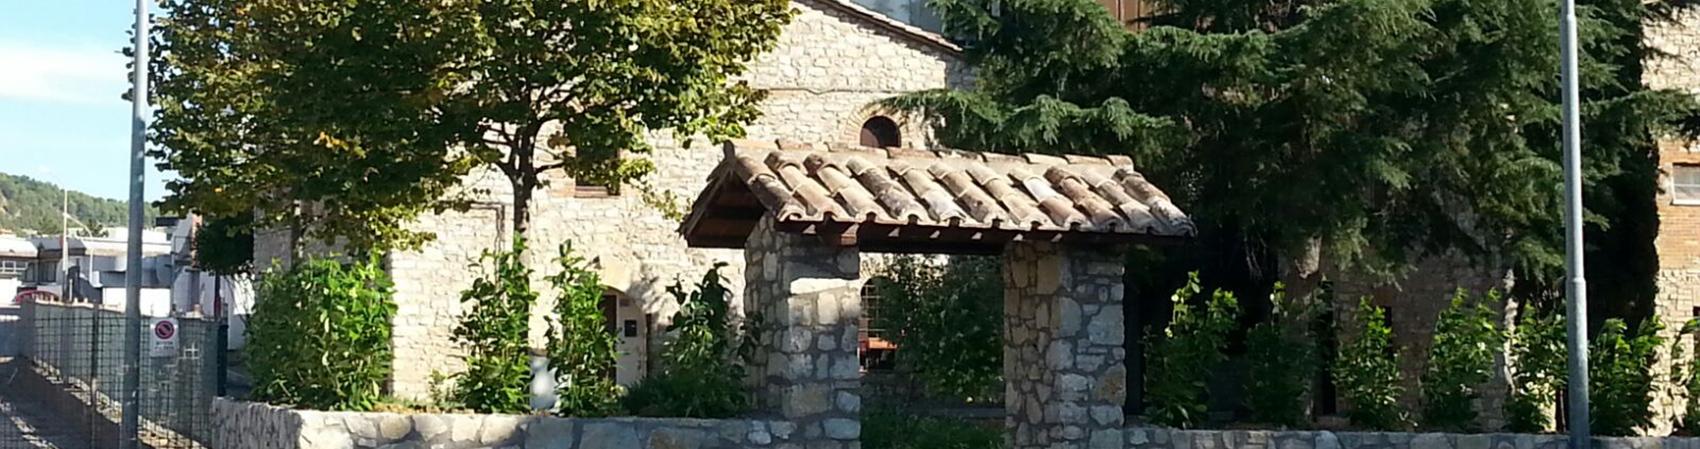 Ellera affitto camere vicino Brunello Cucinelli